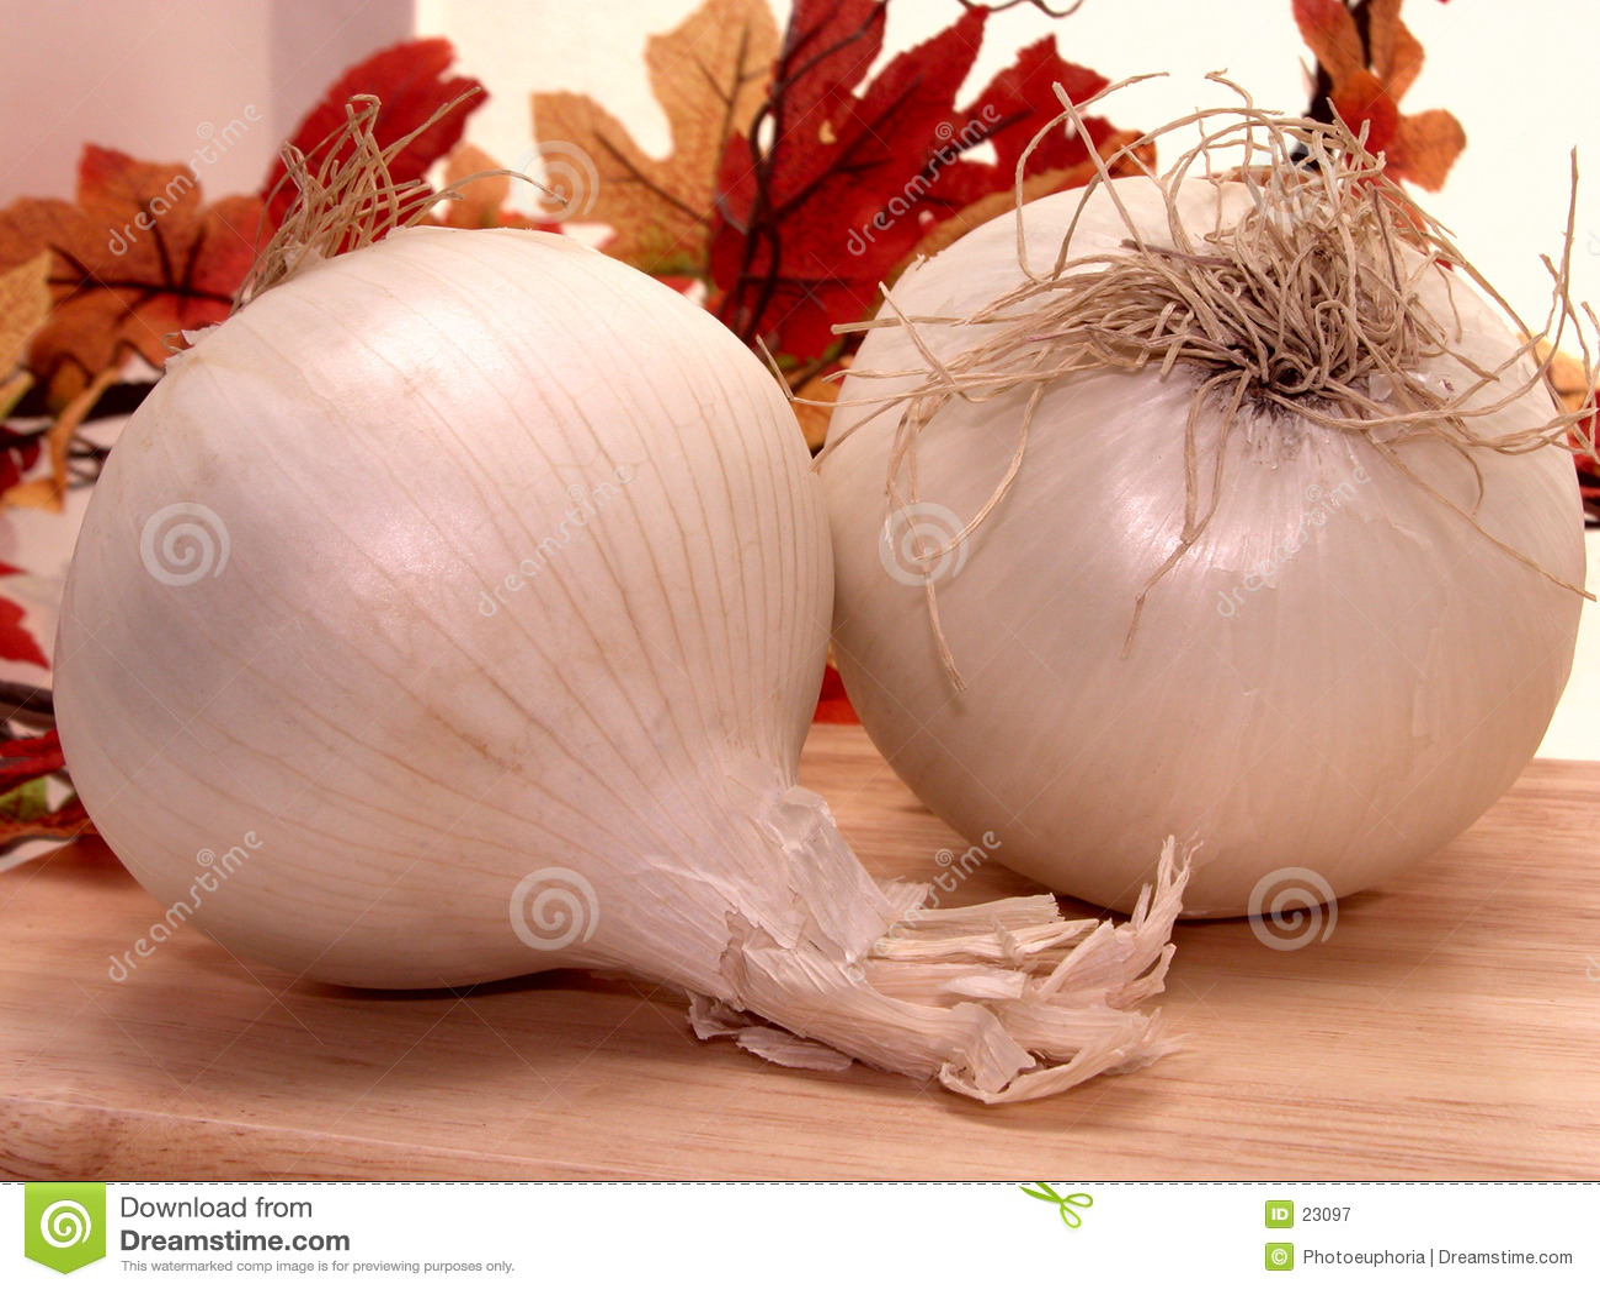 Nahrung: Weiße Zwiebeln